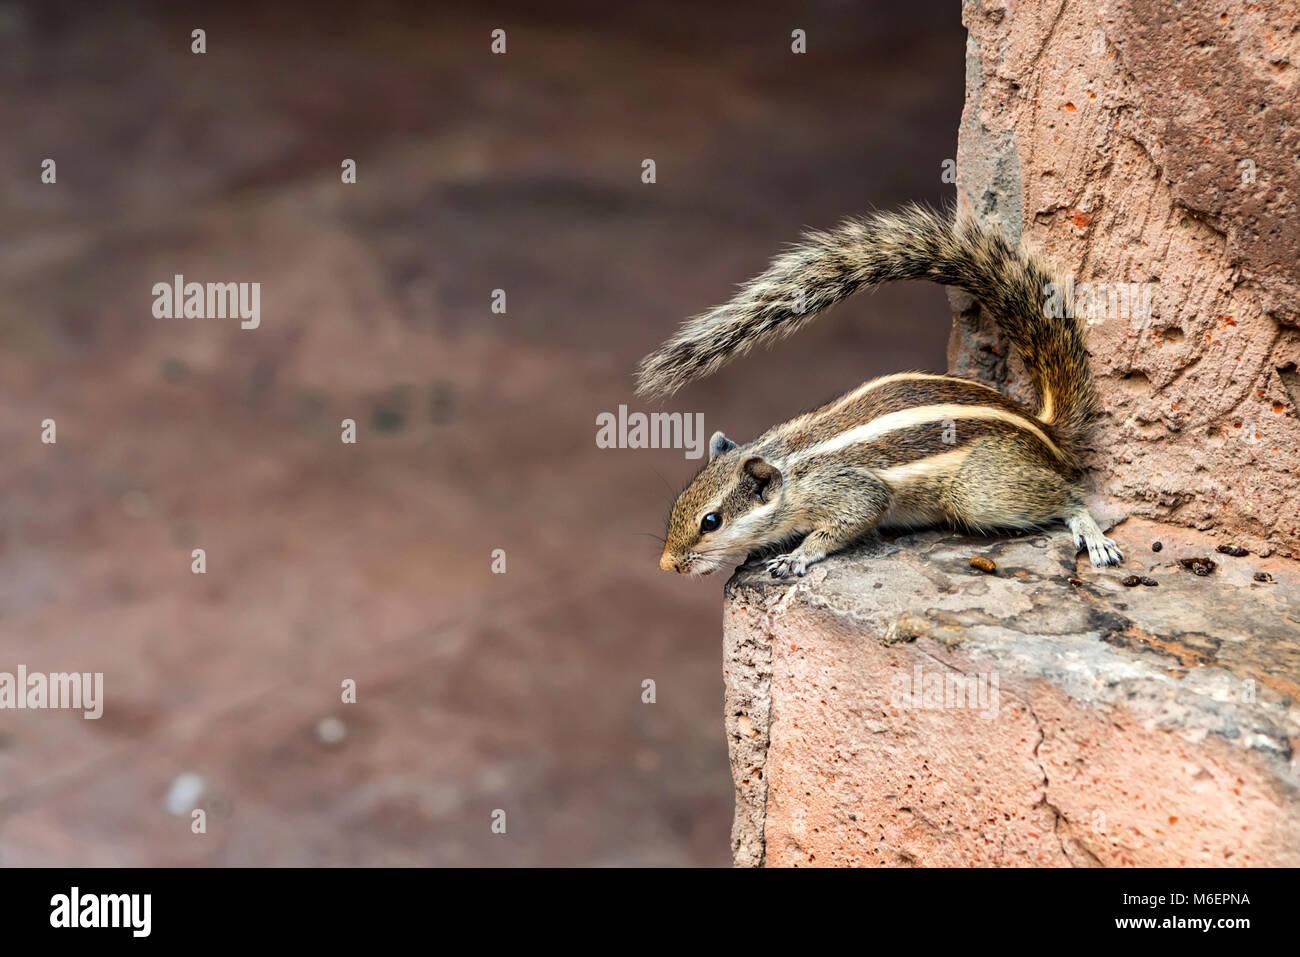 Indian palm squirrel or Funambulus palmarum - Stock Image